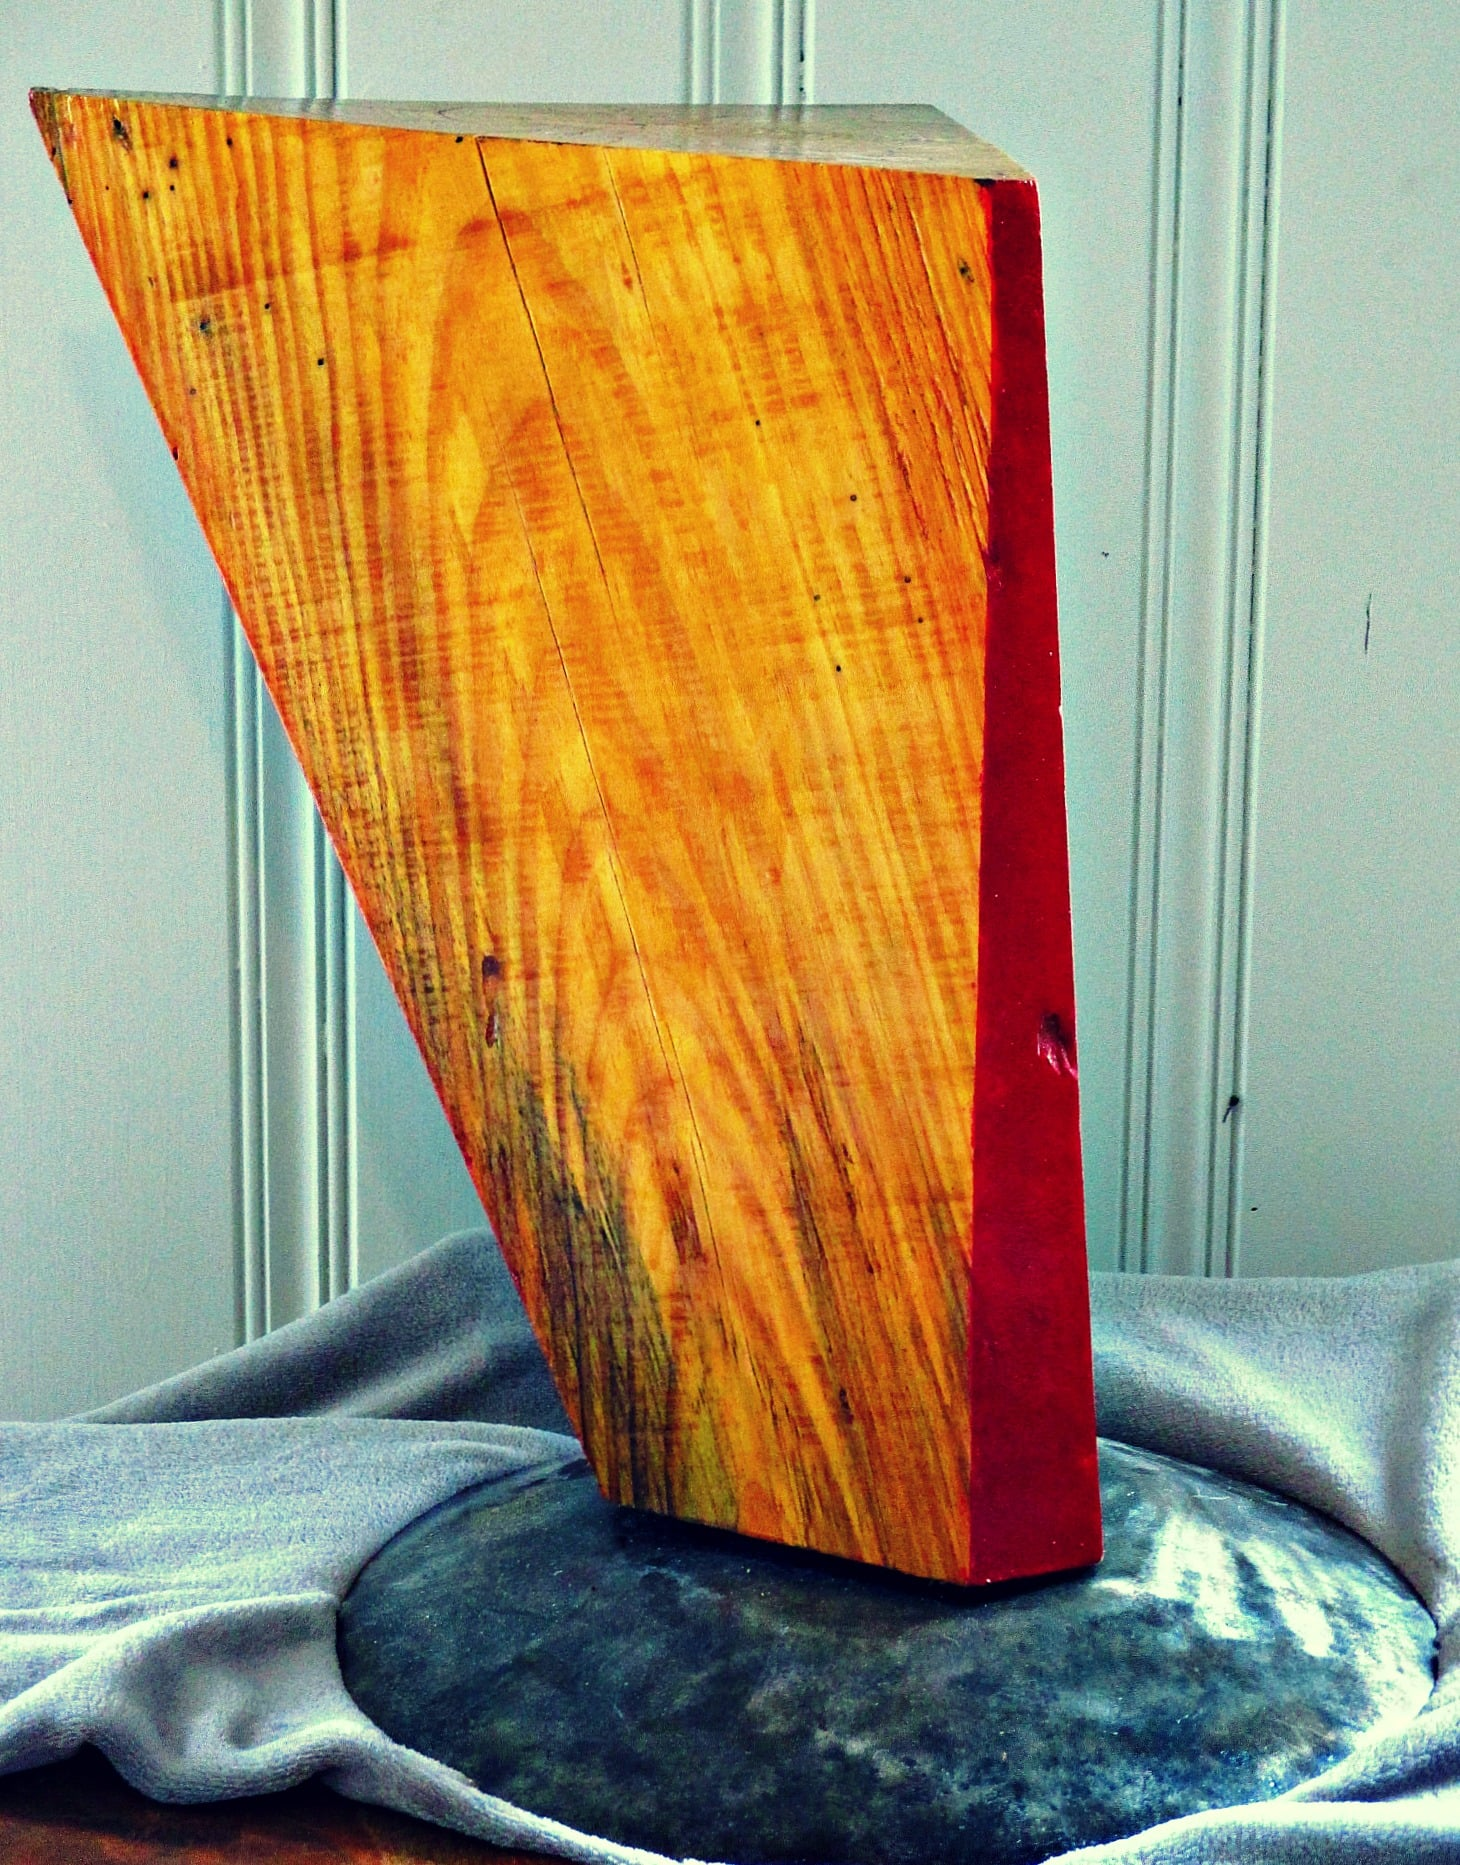 woodblocksculpture.jpg